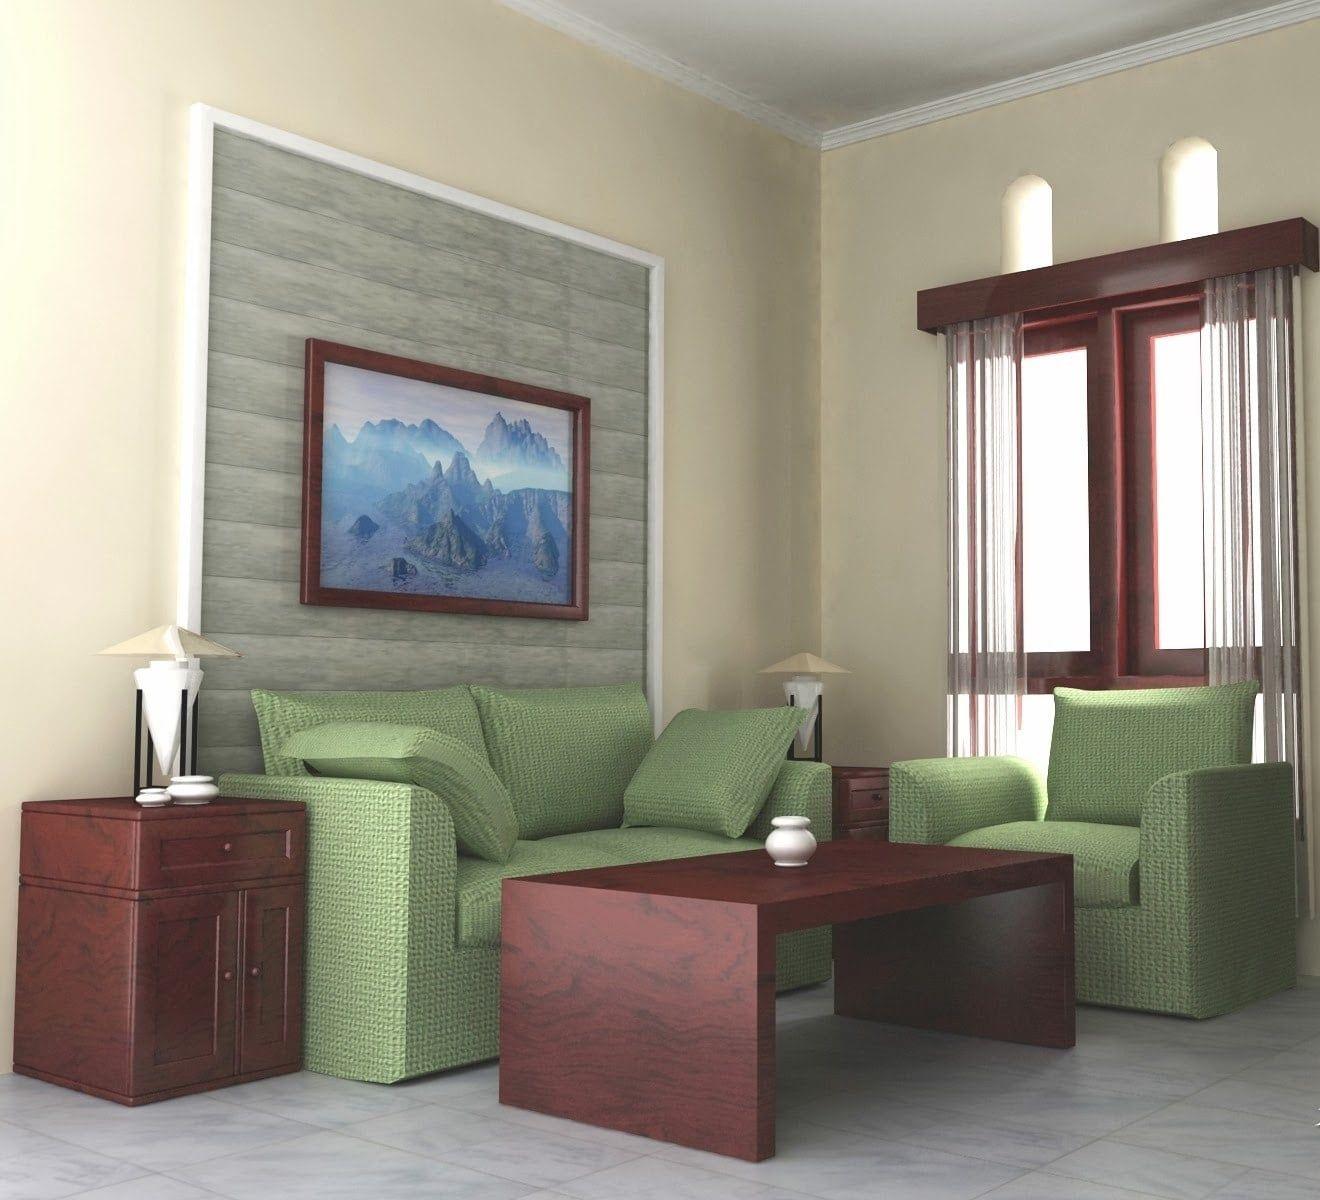 Desain Dekorasi Ruang Tamu Ukuran Kecil In 2019 Interior Design